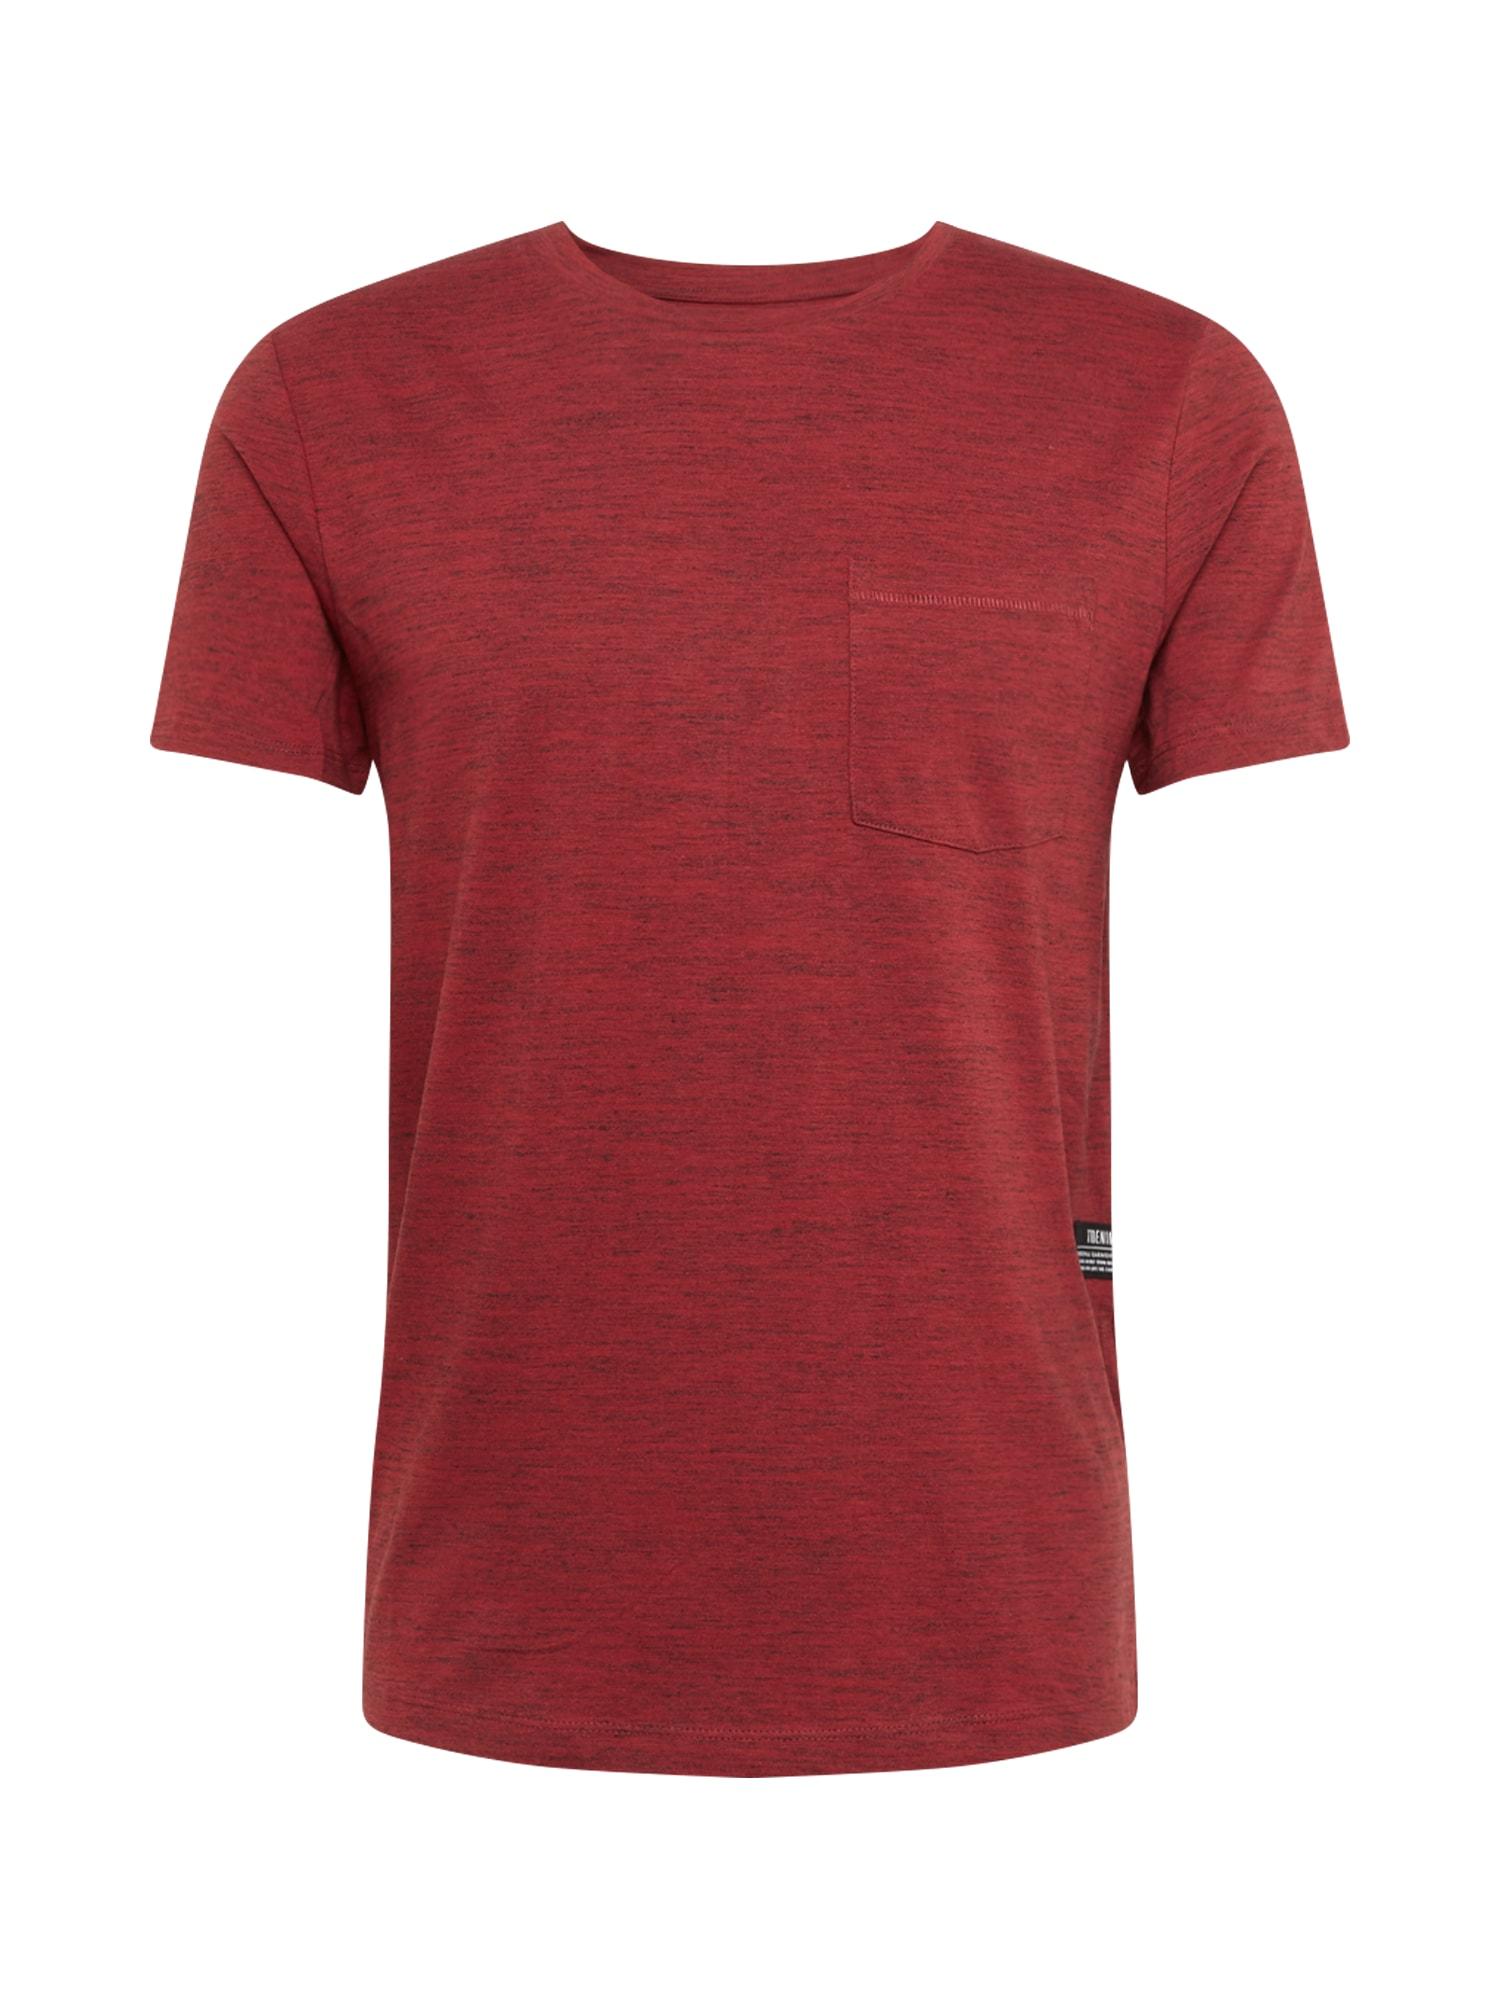 Tričko červený melír TOM TAILOR DENIM